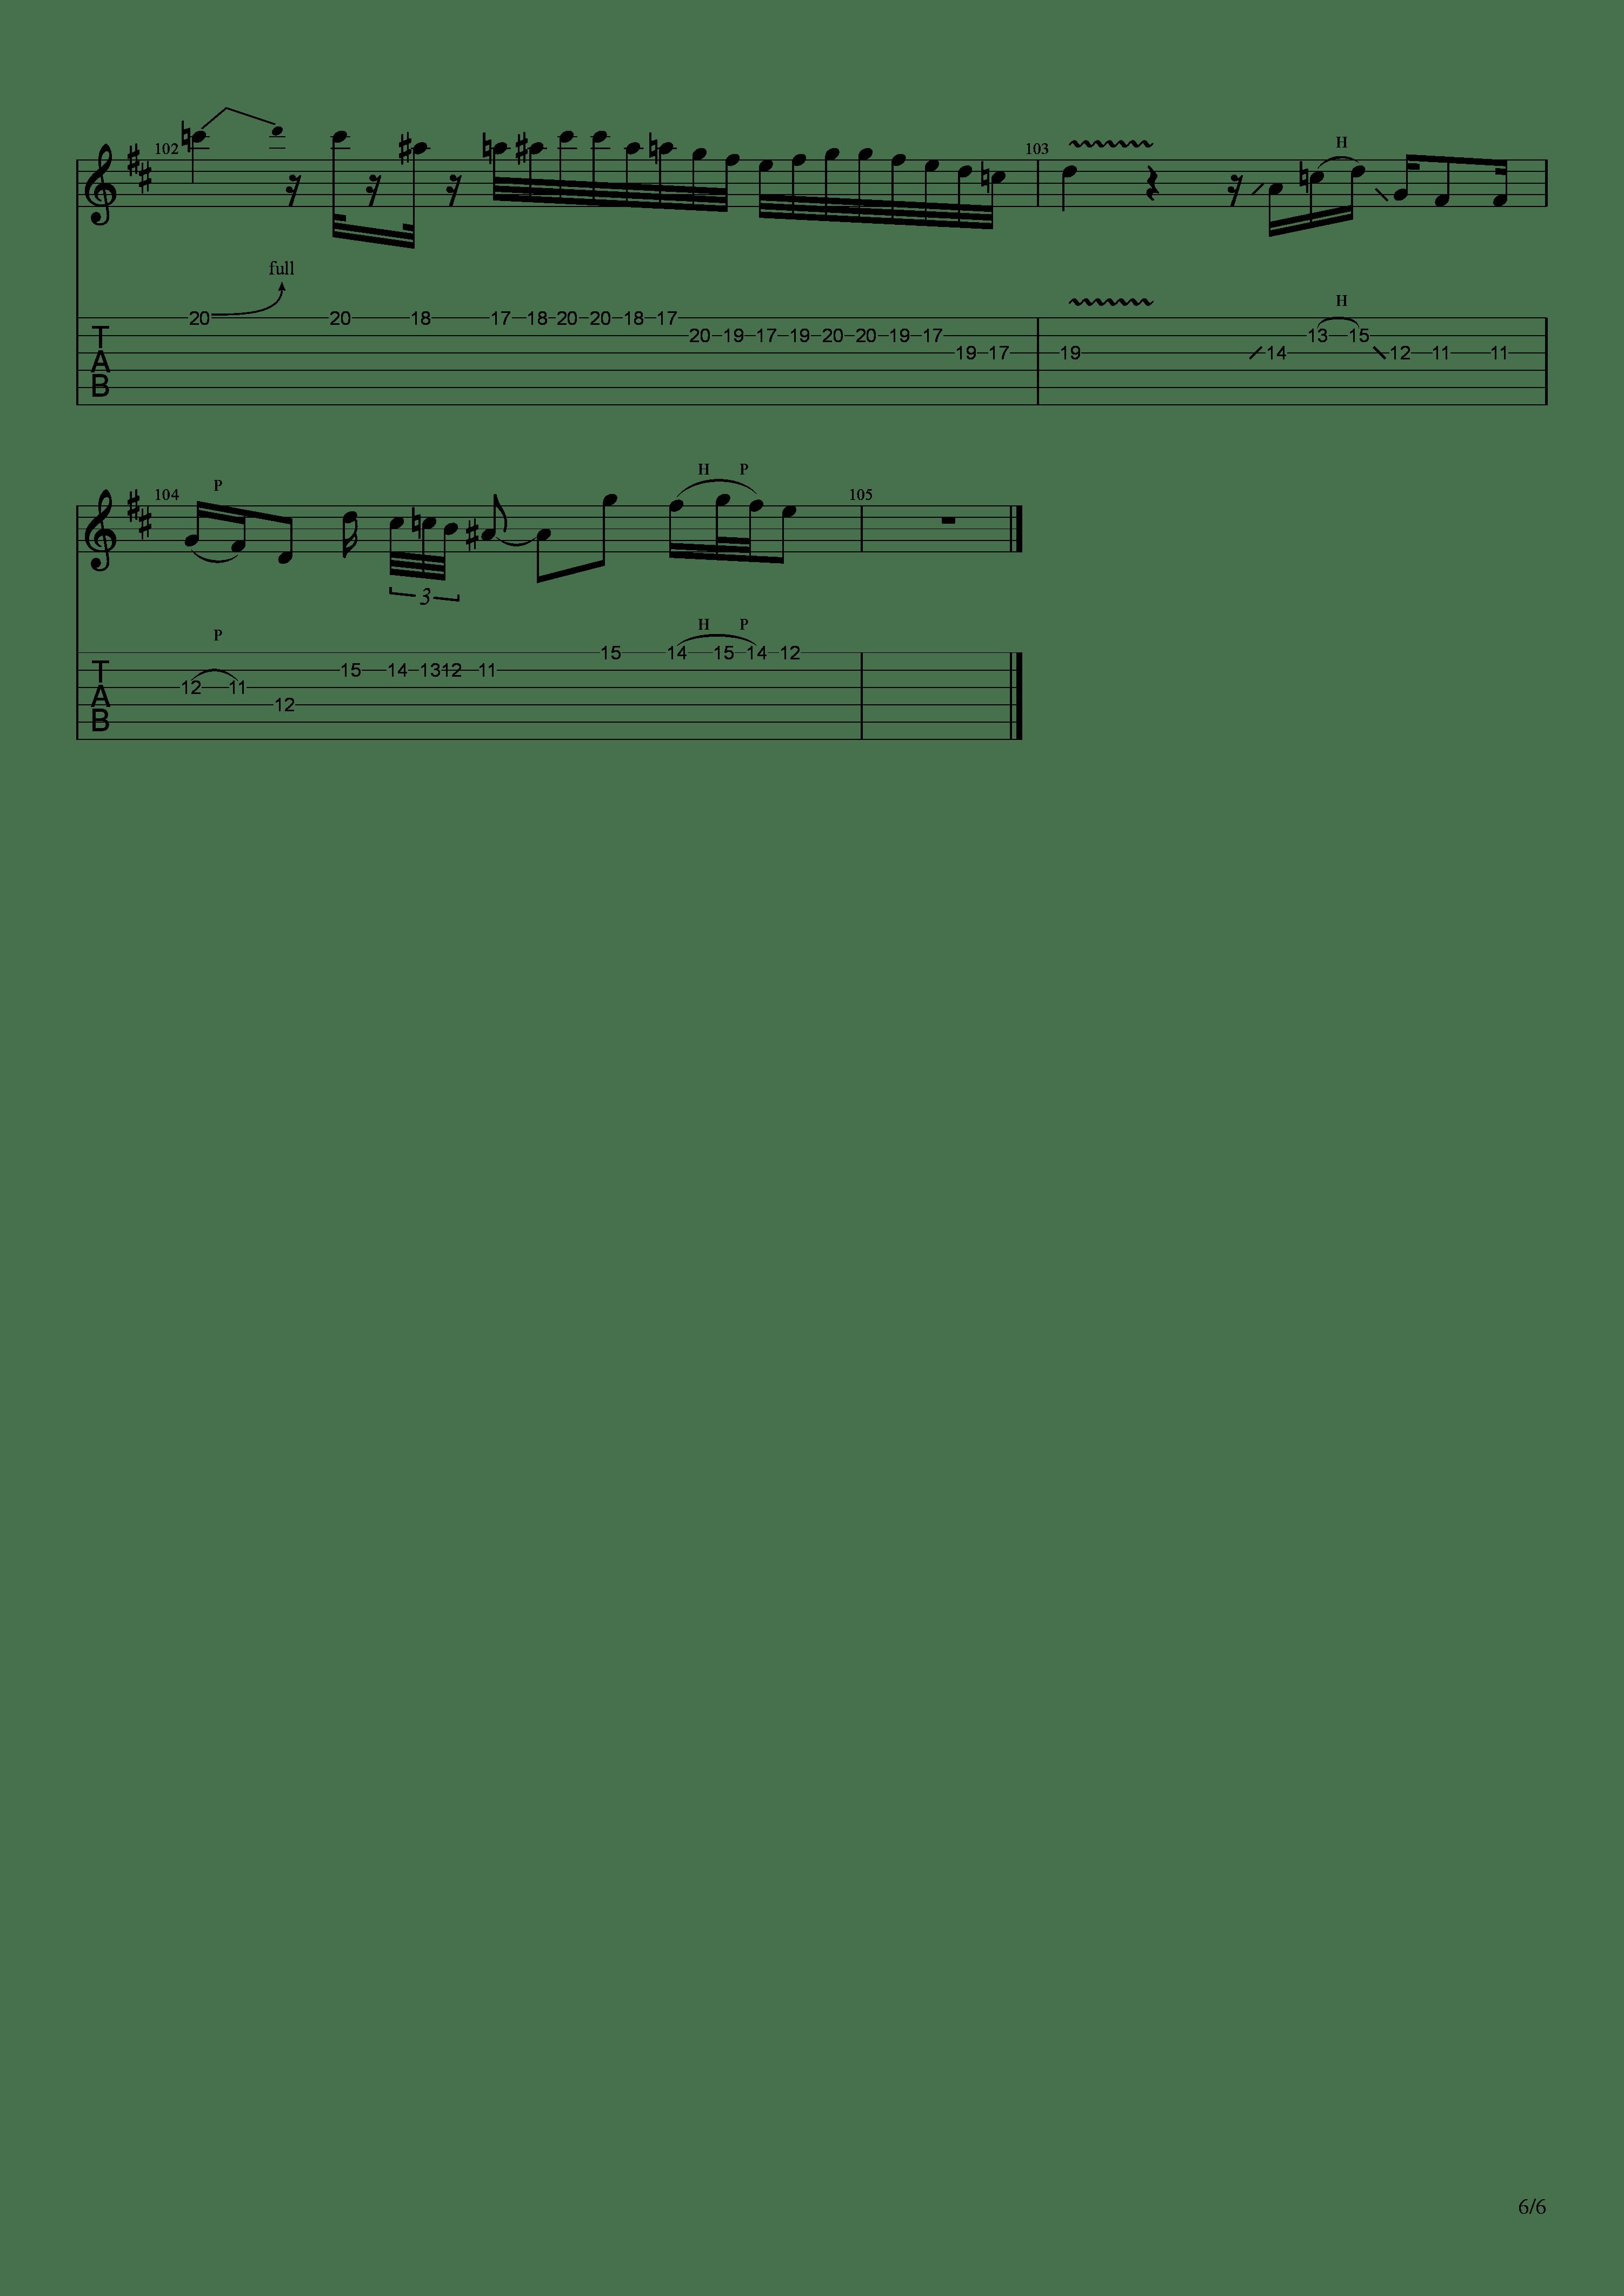 かけら(121433)吉他谱6